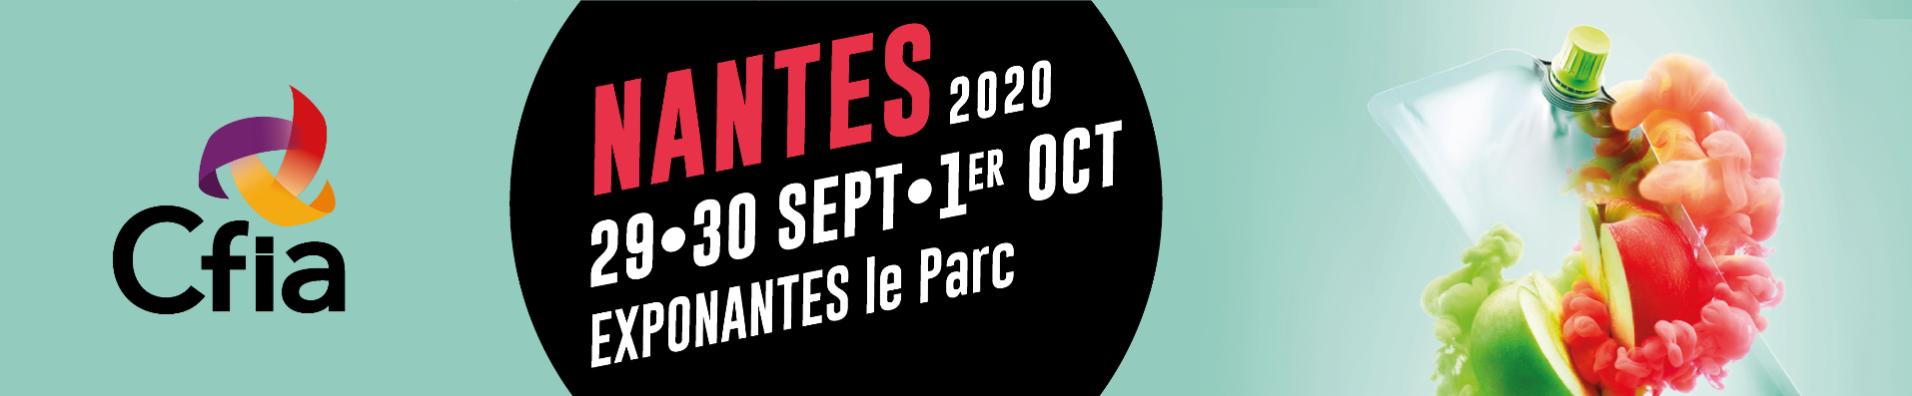 CFIA-Nantes-header-1000x200-FR